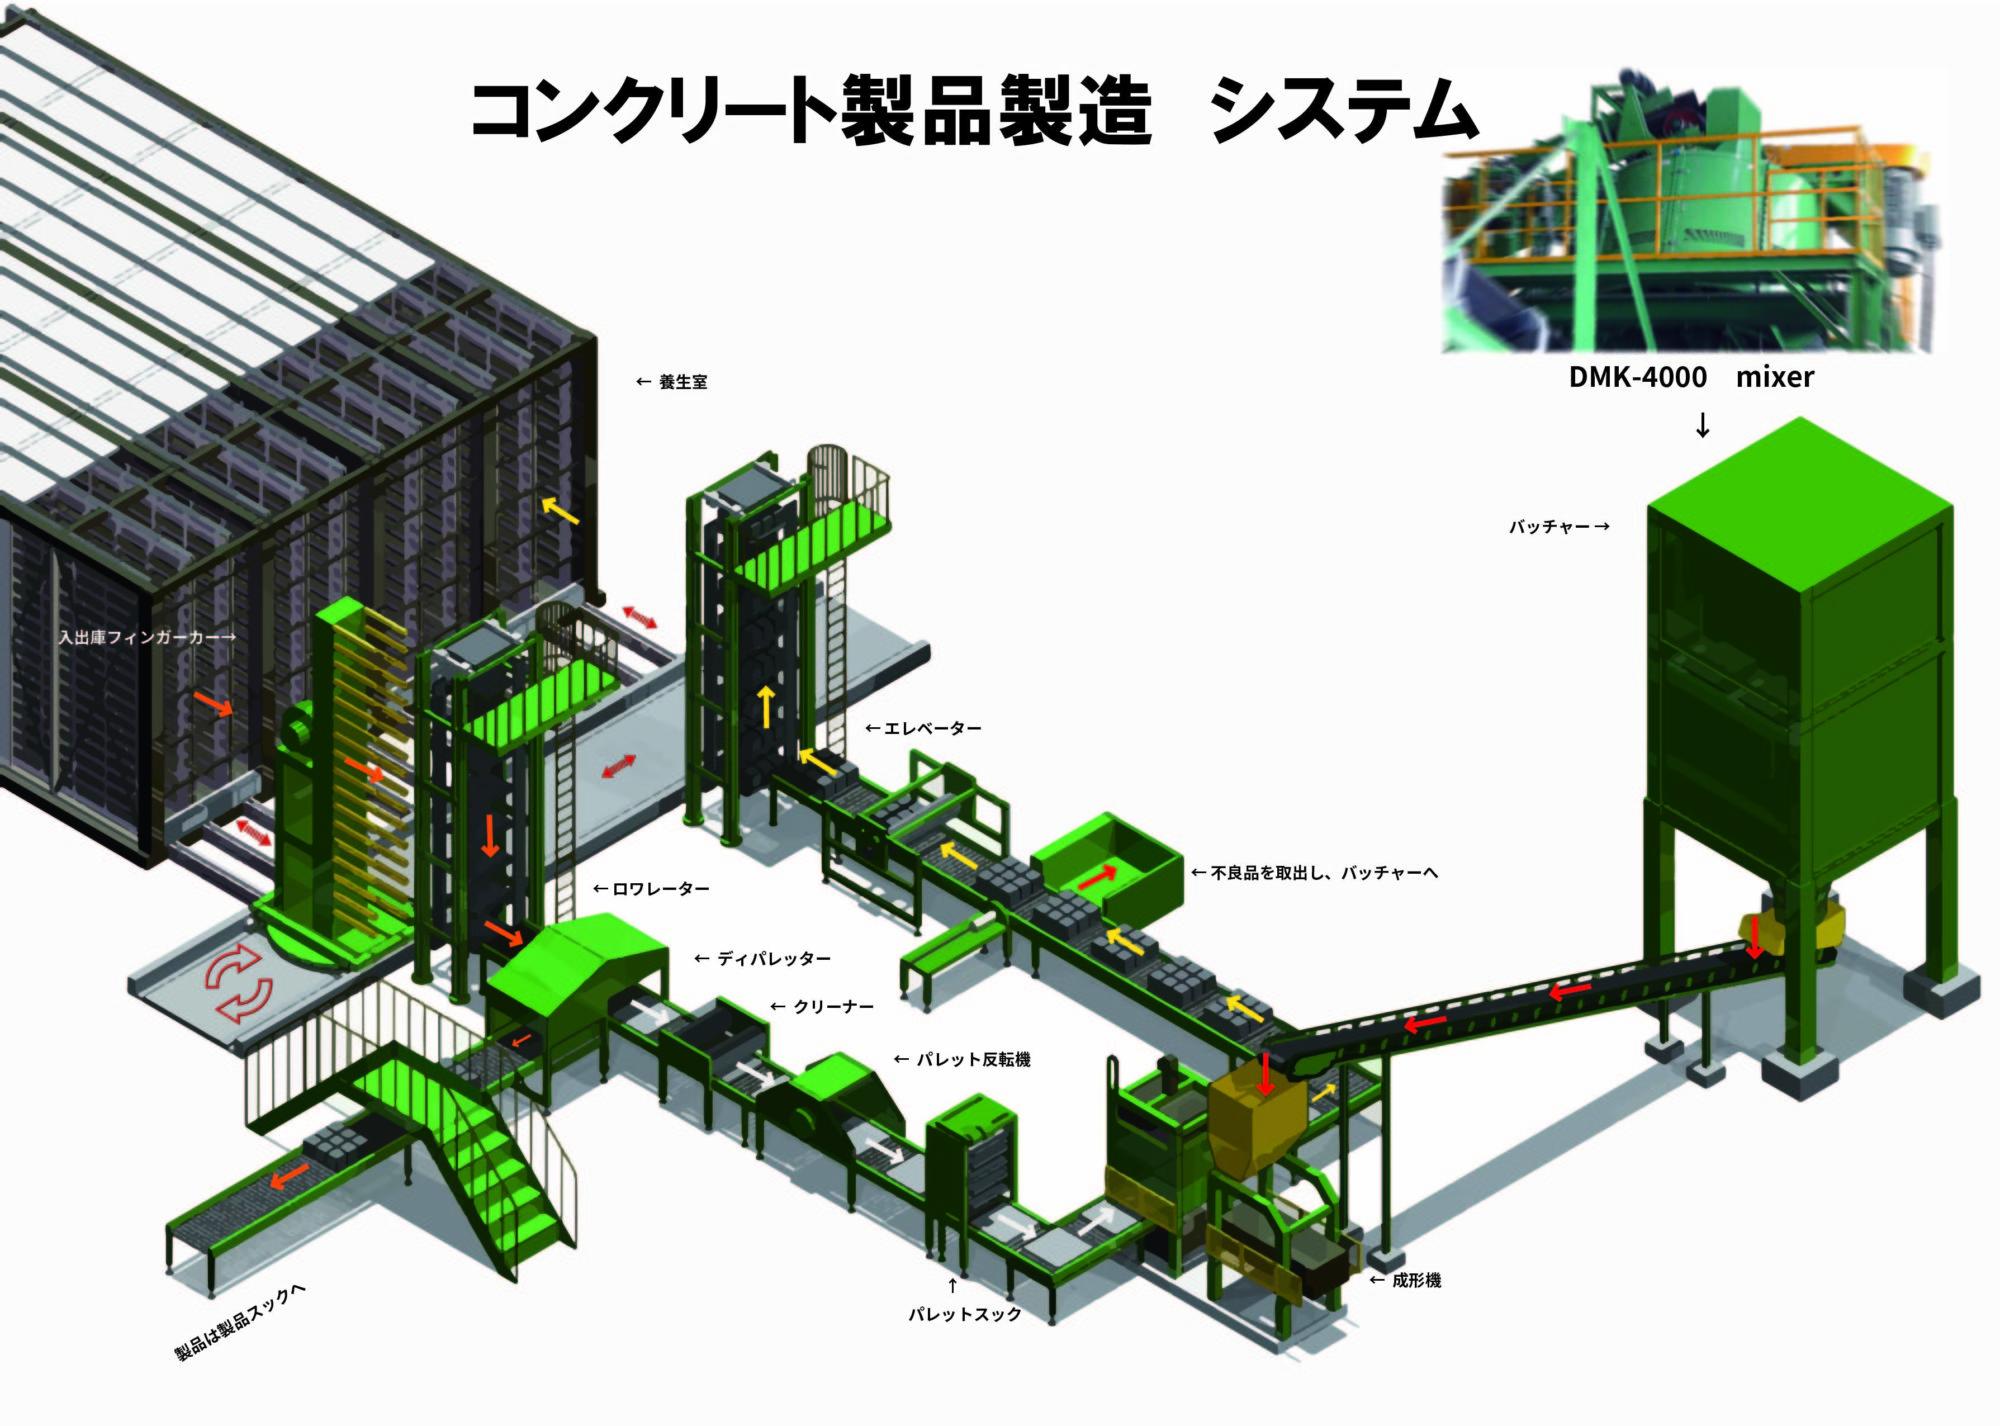 ★DMK鳥観図 20200602 コンクリート製品製造プ